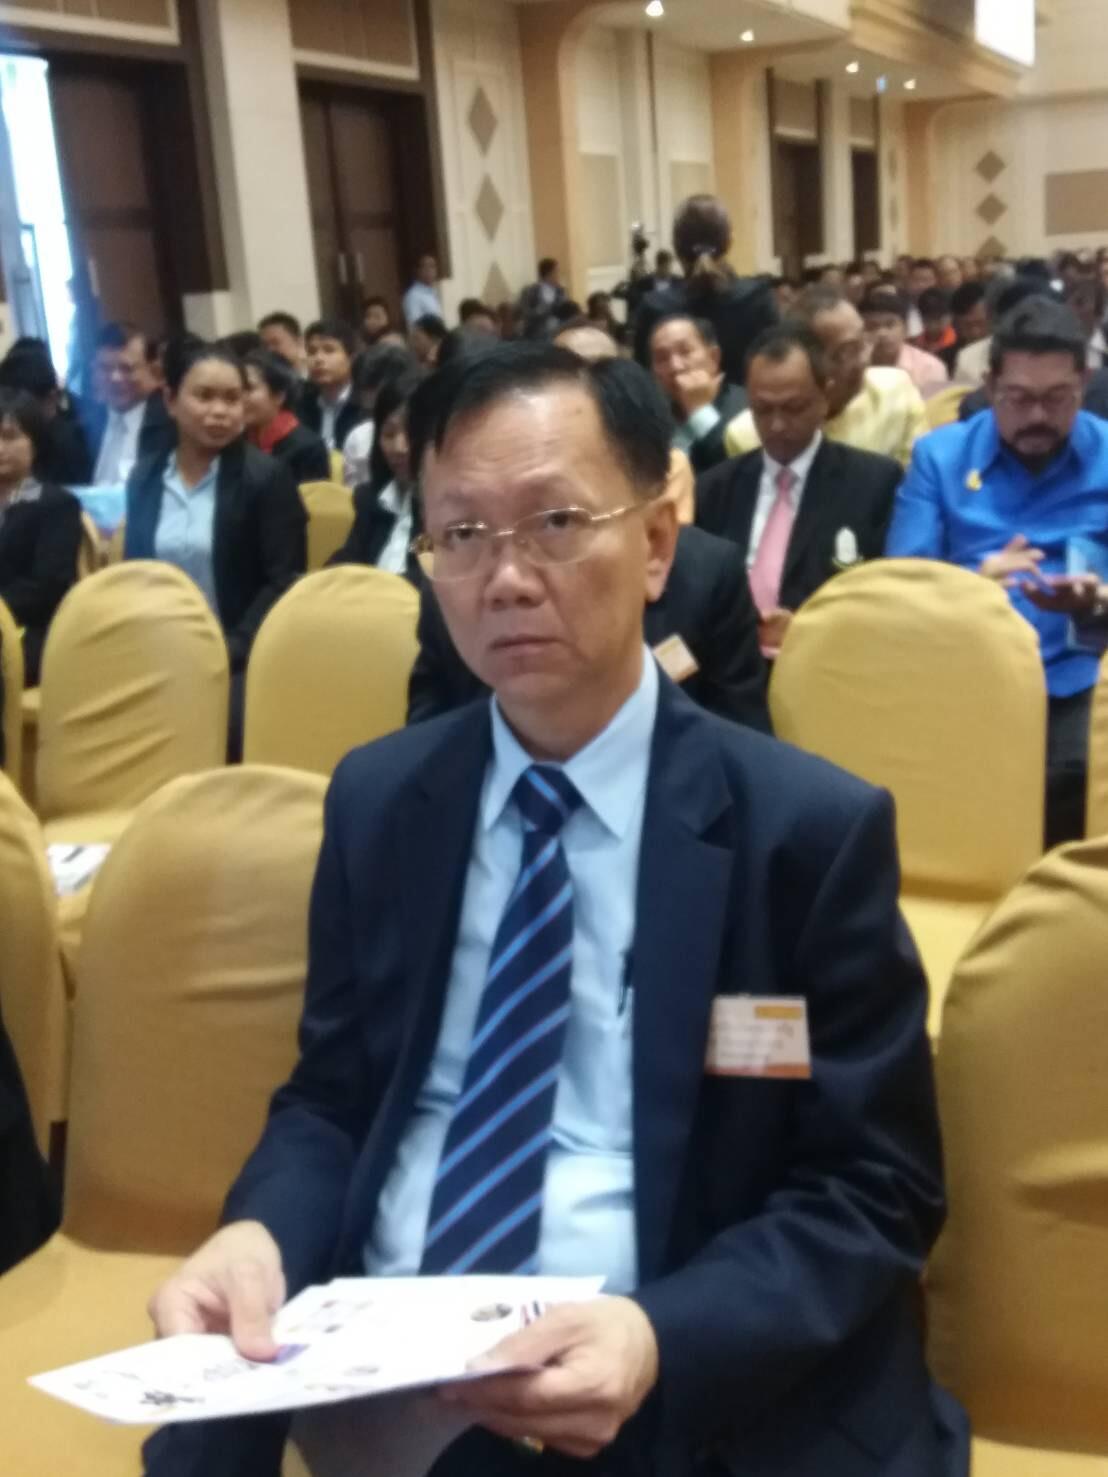 การสัมมนานักบริหารภาครัฐเพื่อบูรณาการการพัฒนาประเทศไทยตามกรอบการปฏิรูปประเทศ ยุทธศาสตร์ชาติ